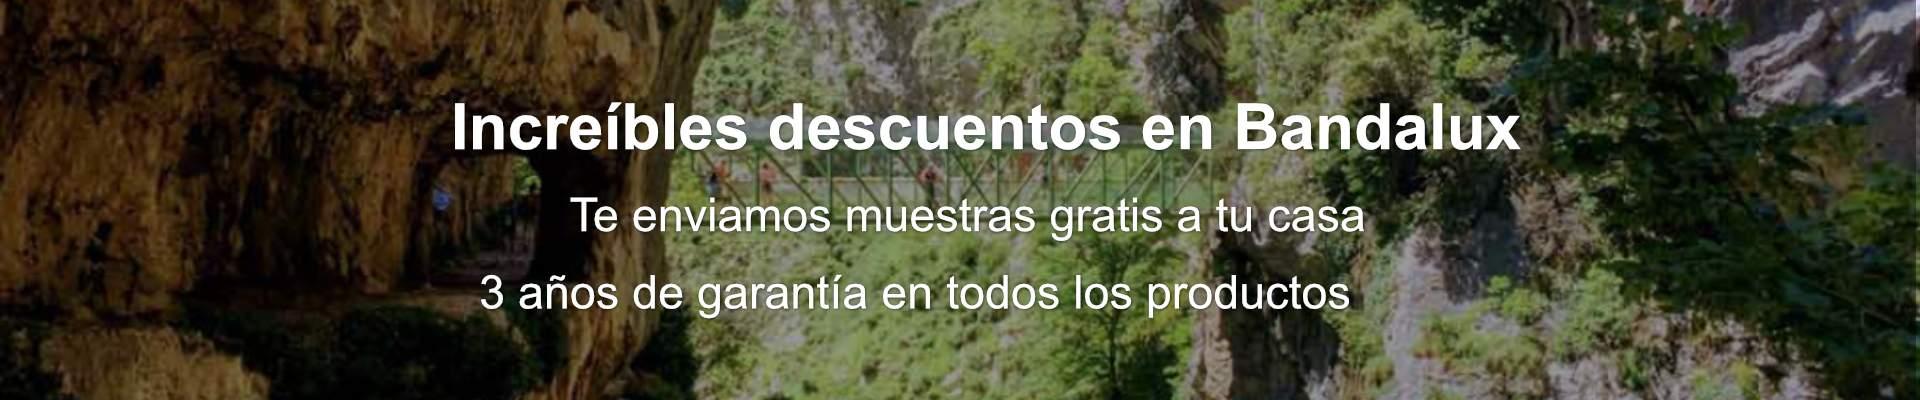 Grandes descuentos en Bandalux para Asturias